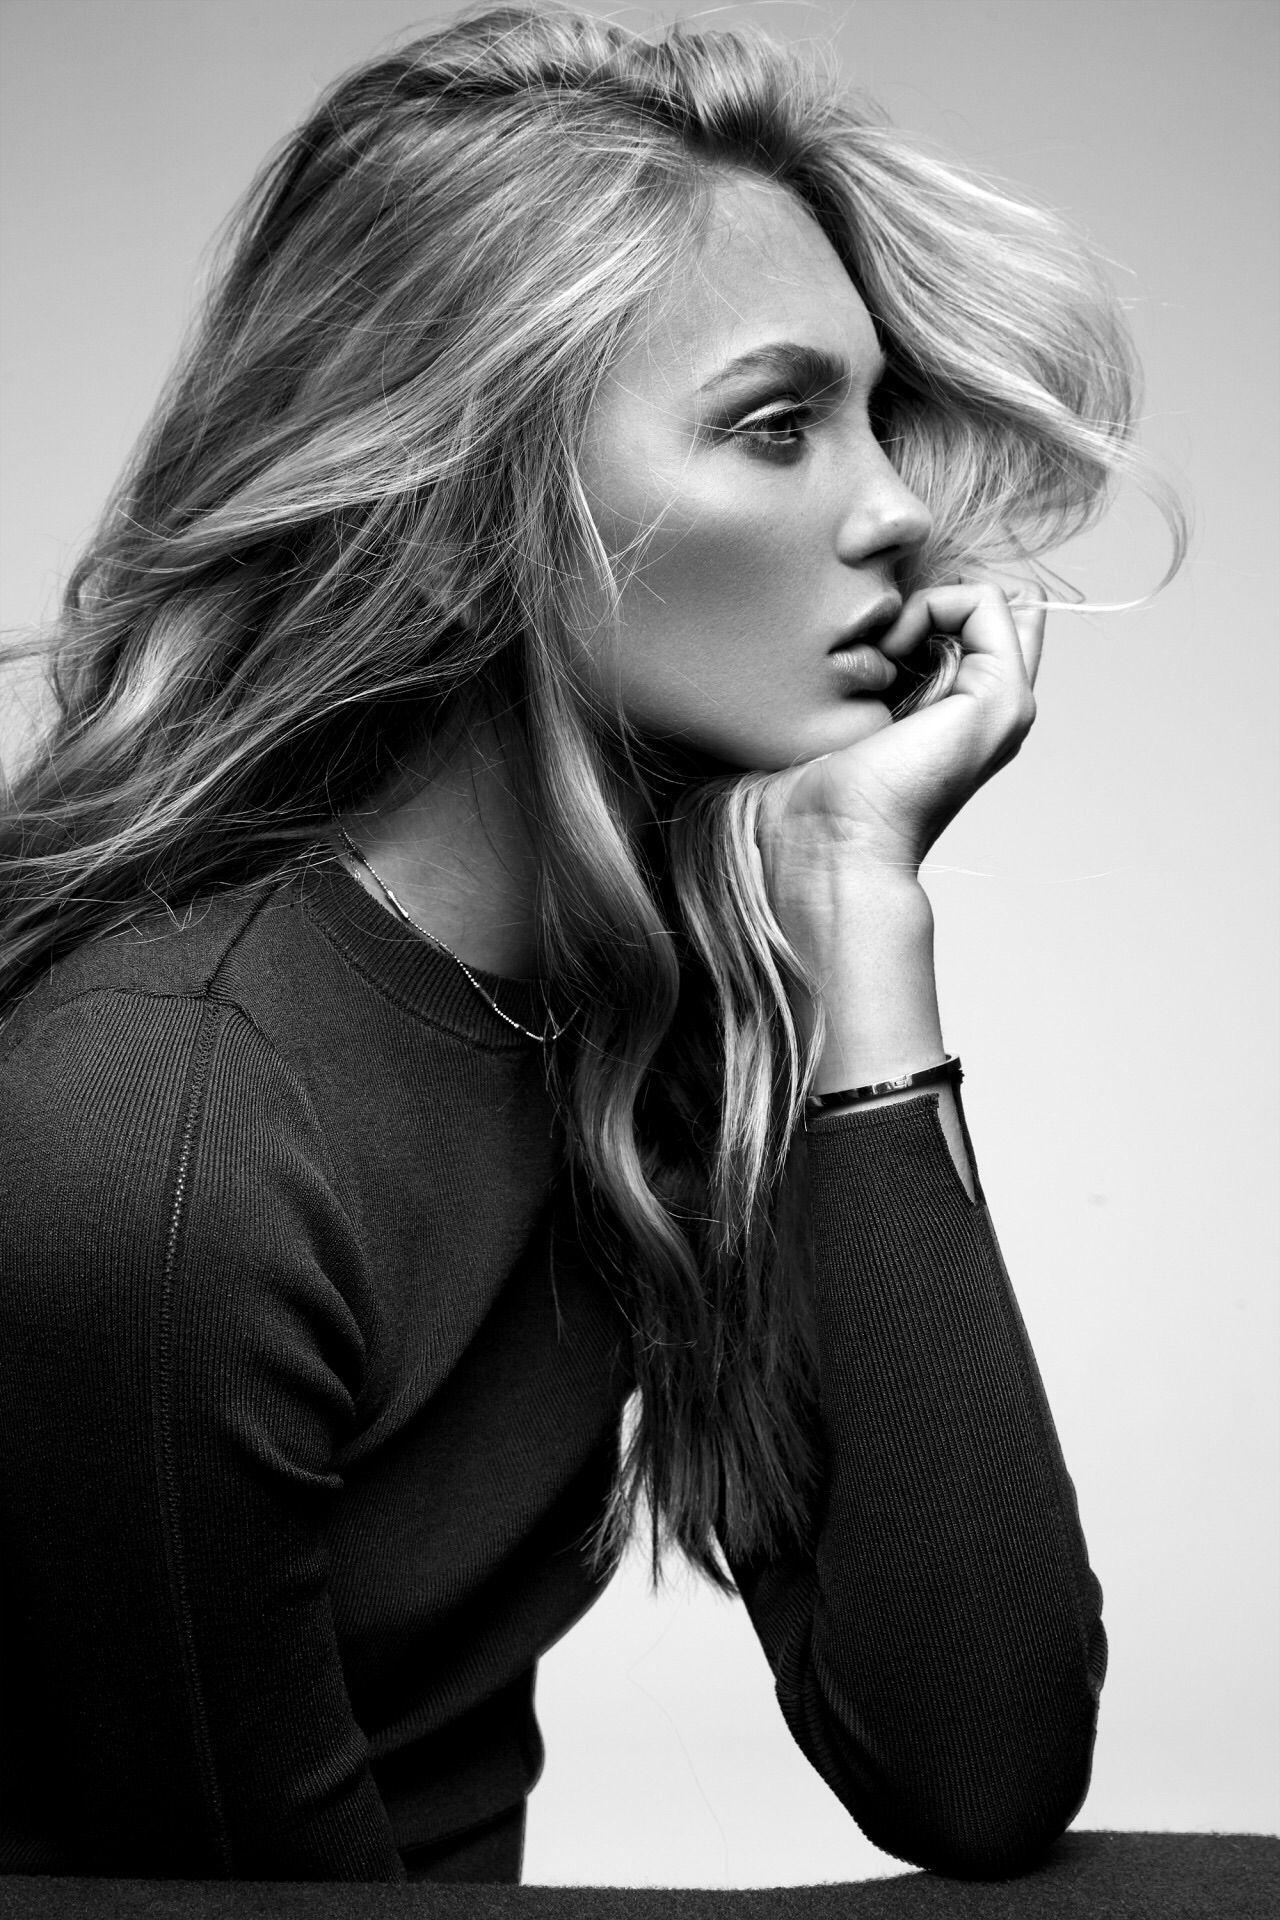 Épinglé par Jean-Paul HAURE sur Black & White \   Portrait